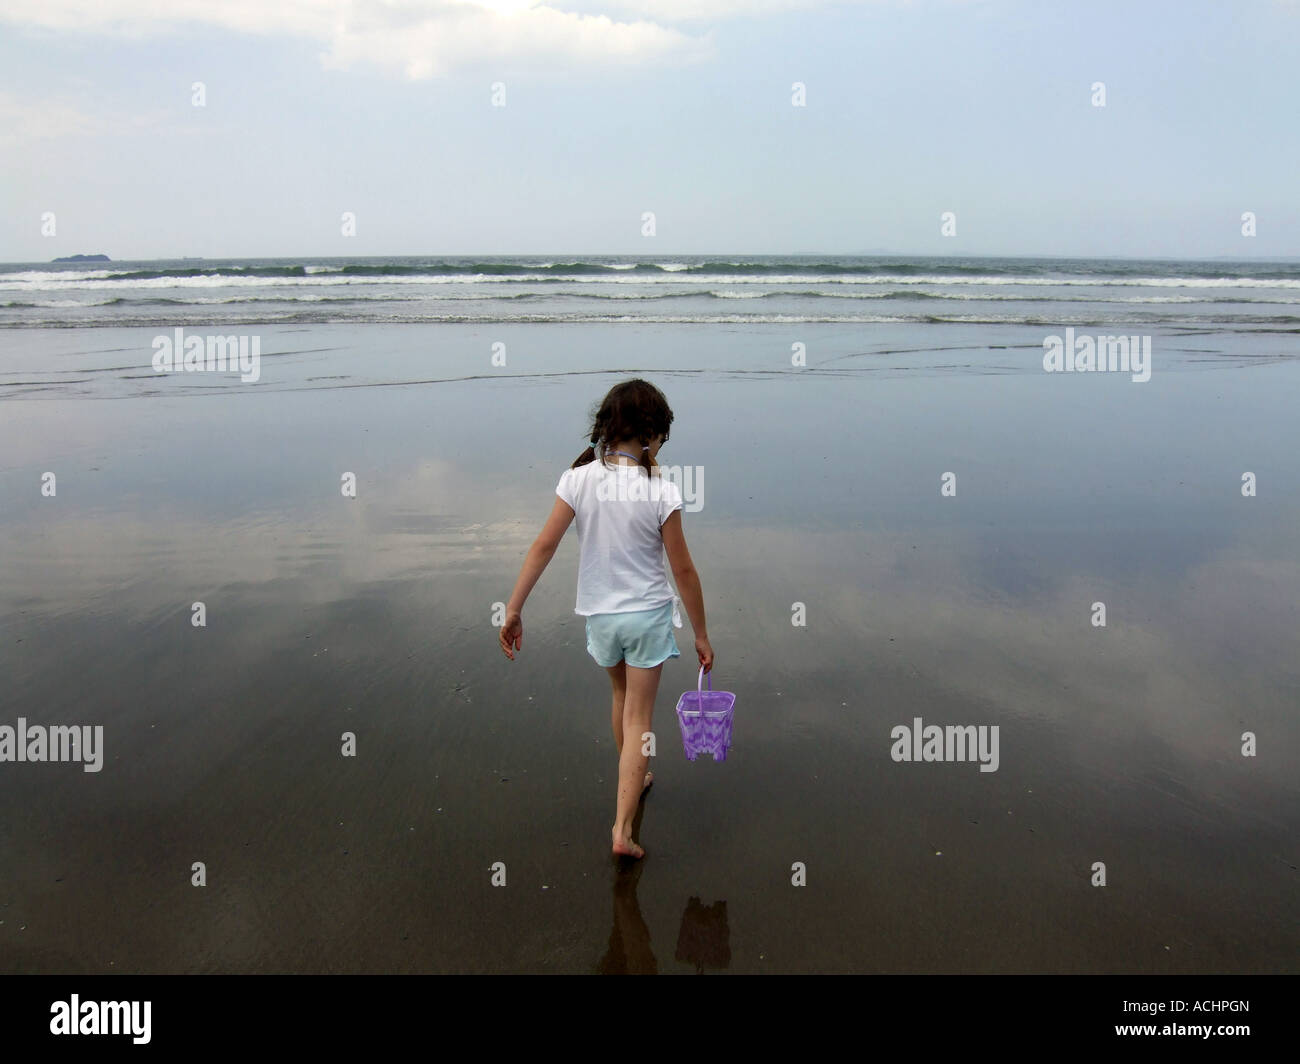 Garota uma curta o mar transportando um balde, REINO UNIDO Imagens de Stock